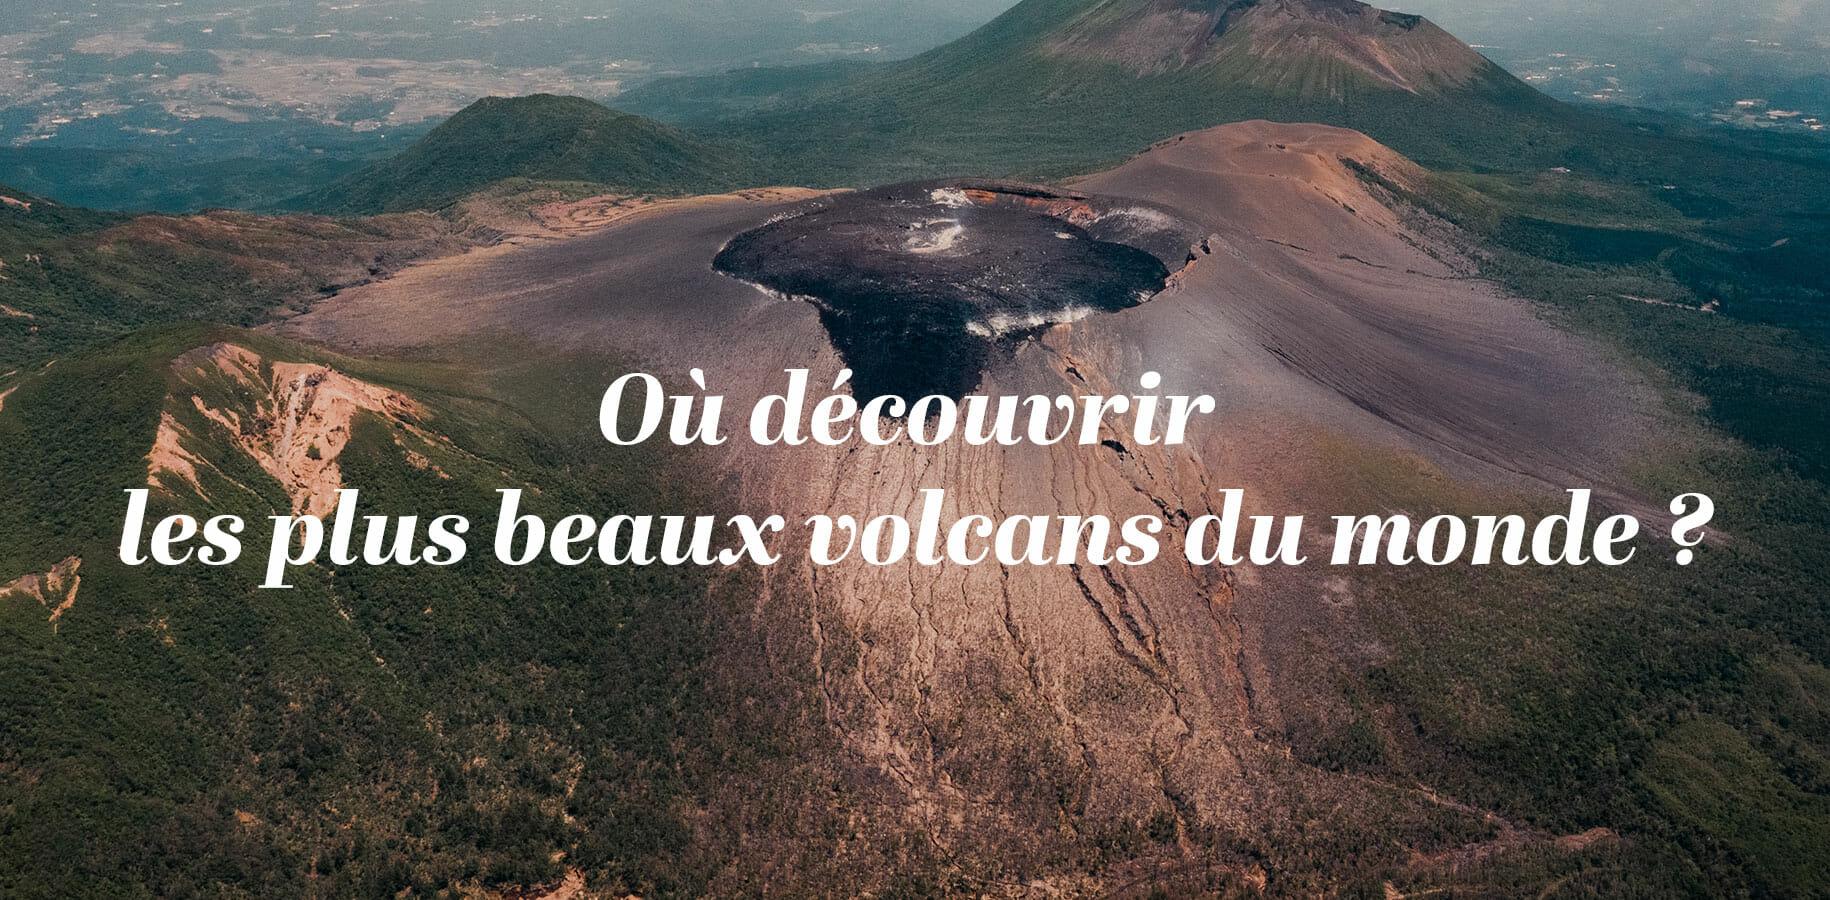 Où découvrir les plus beaux volcans du monde?